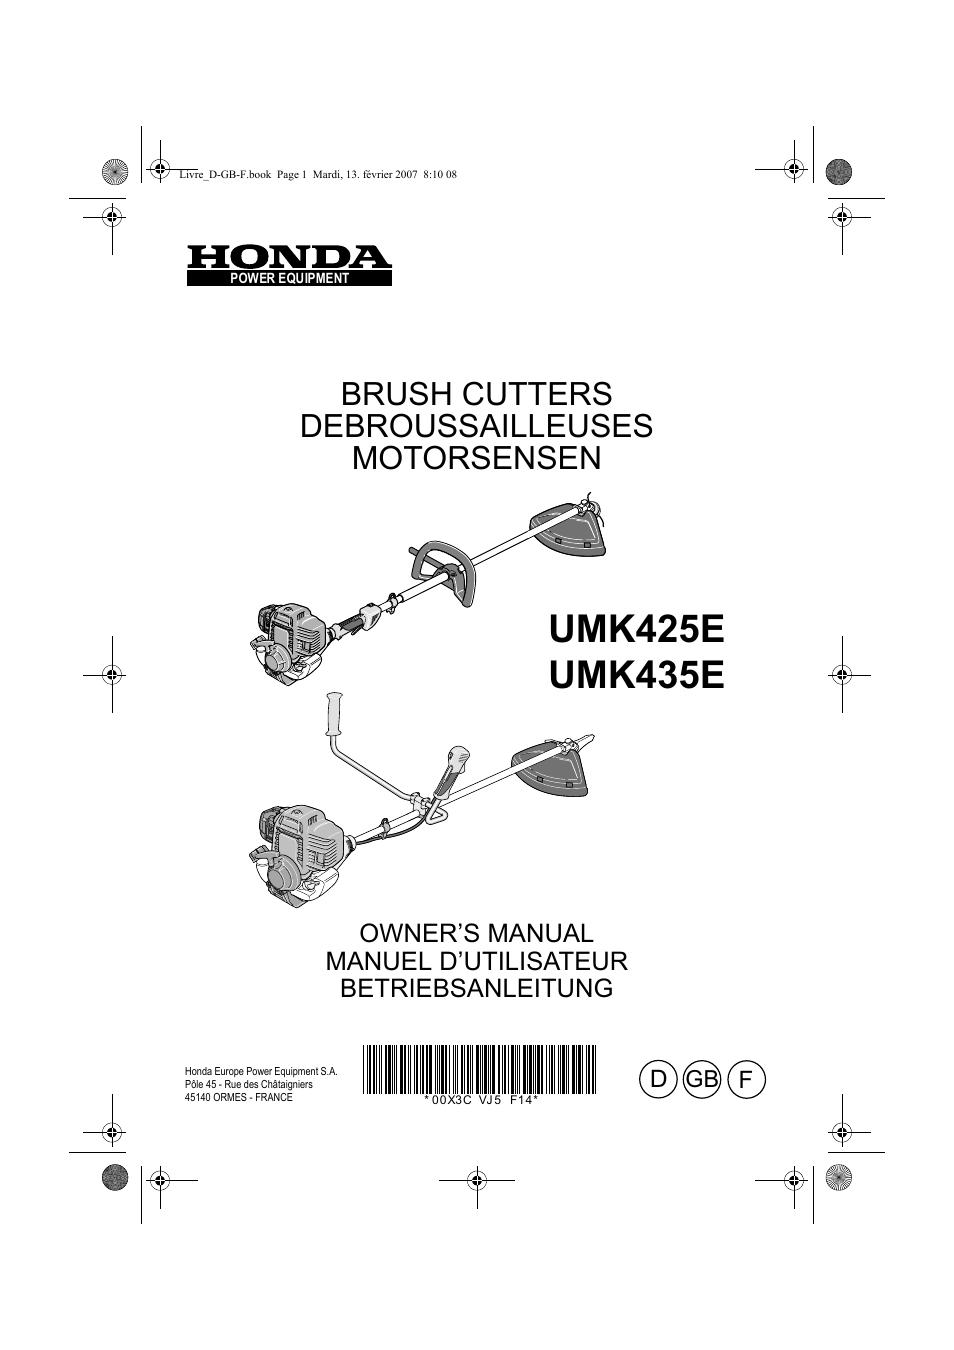 honda umk435e user manual 67 pages also for umk425e rh manualsdir com Honda Manual Book honda umk425e strimmer manual